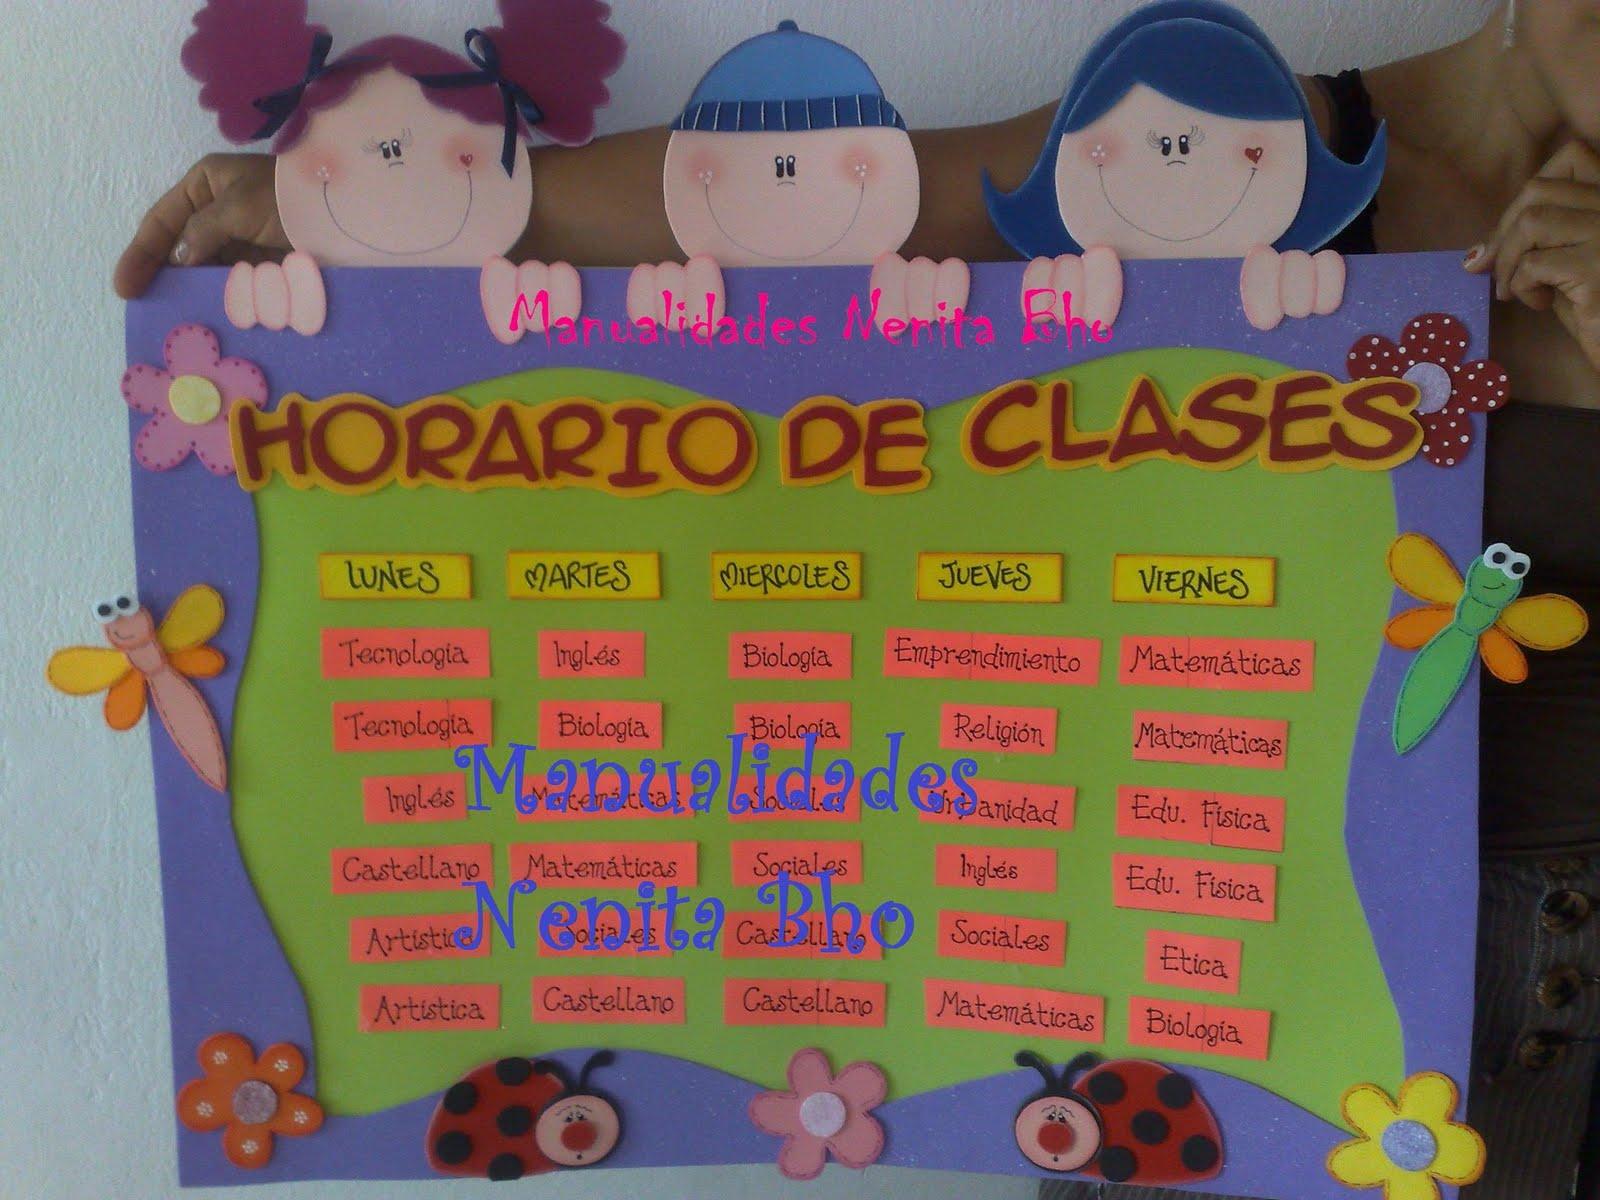 Manualidades nenita bho horario de clases for Manualidades primaria